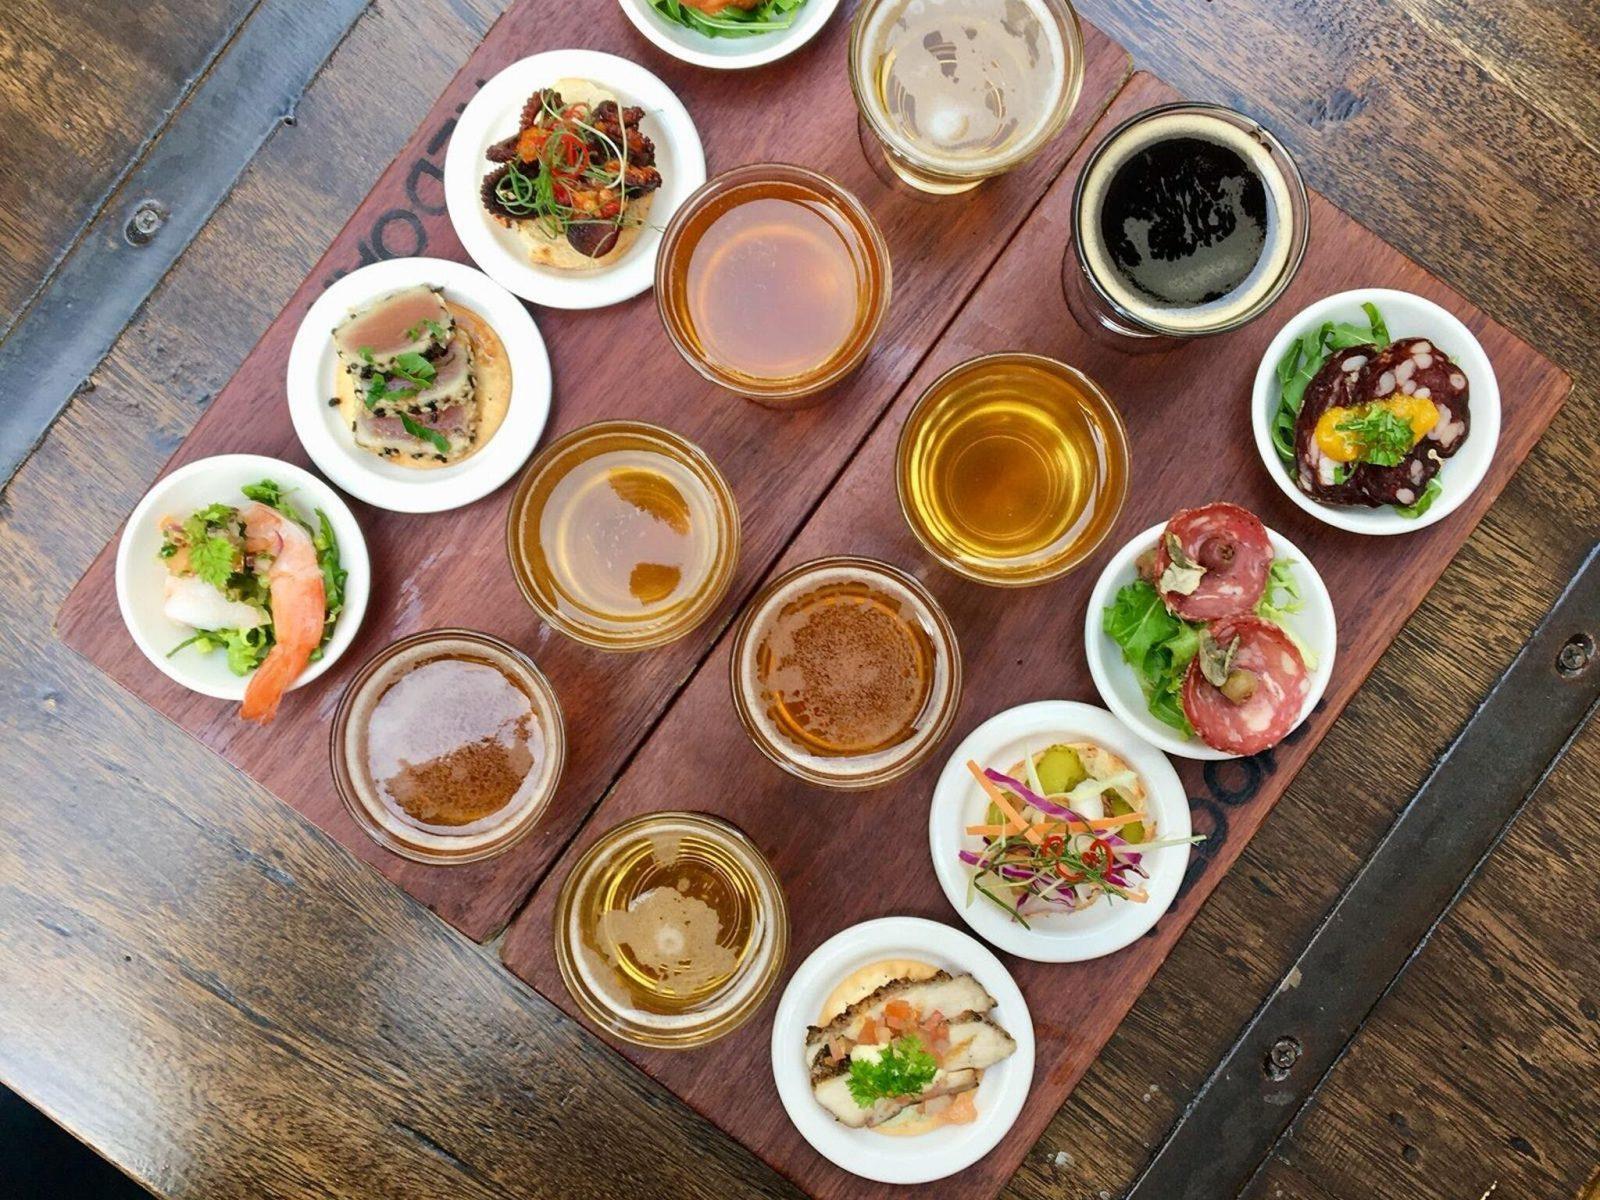 Food and Drinks menu